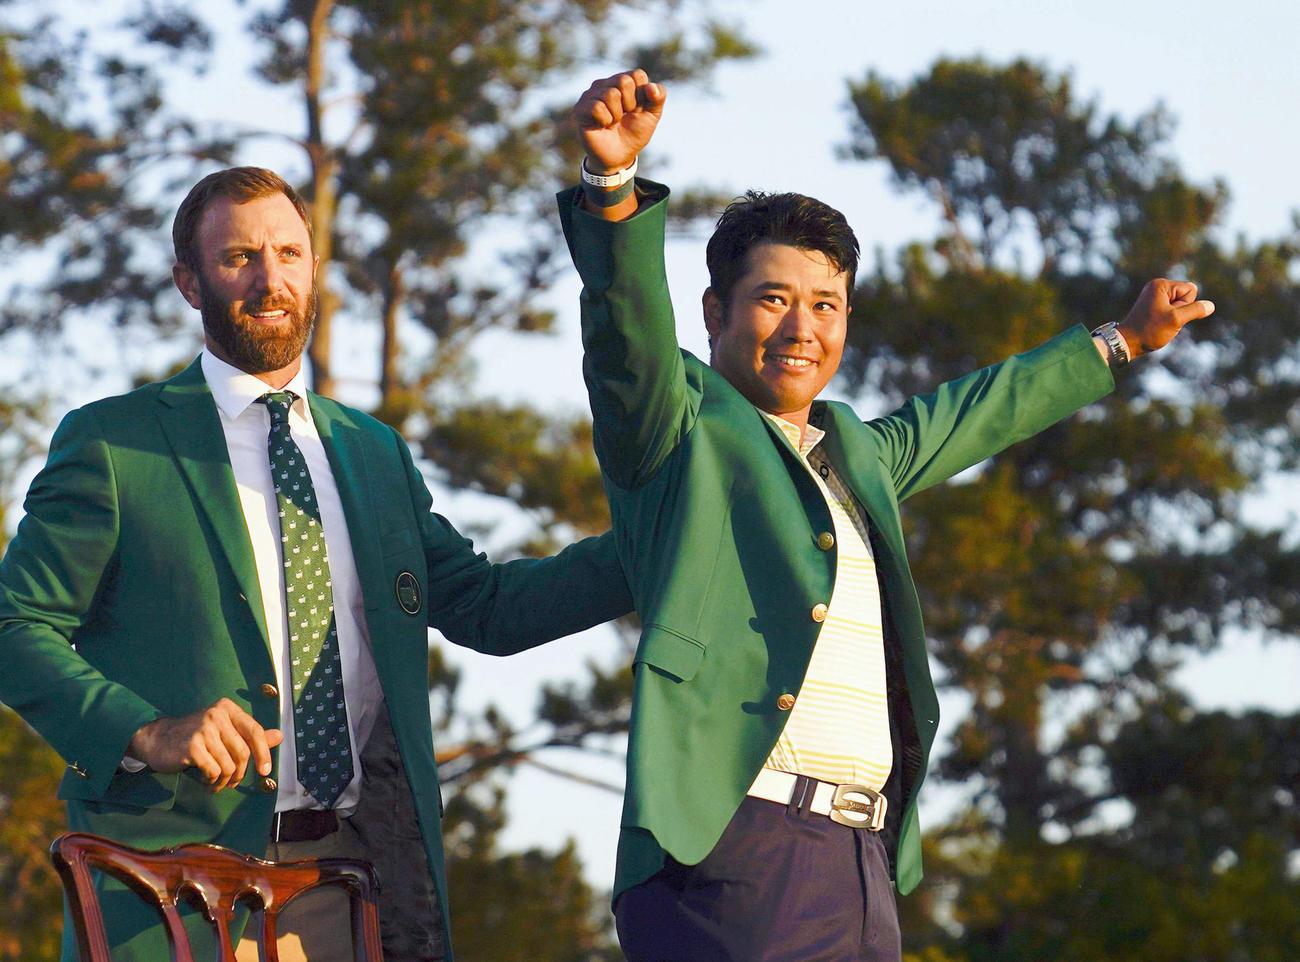 米ゴルフのマスターズ・トーナメントで日本男子初のメジャー制覇を果たし、グリーンジャケットを着て喜ぶ松山英樹。左は前年優勝のダスティン・ジョンソン(AP=共同)